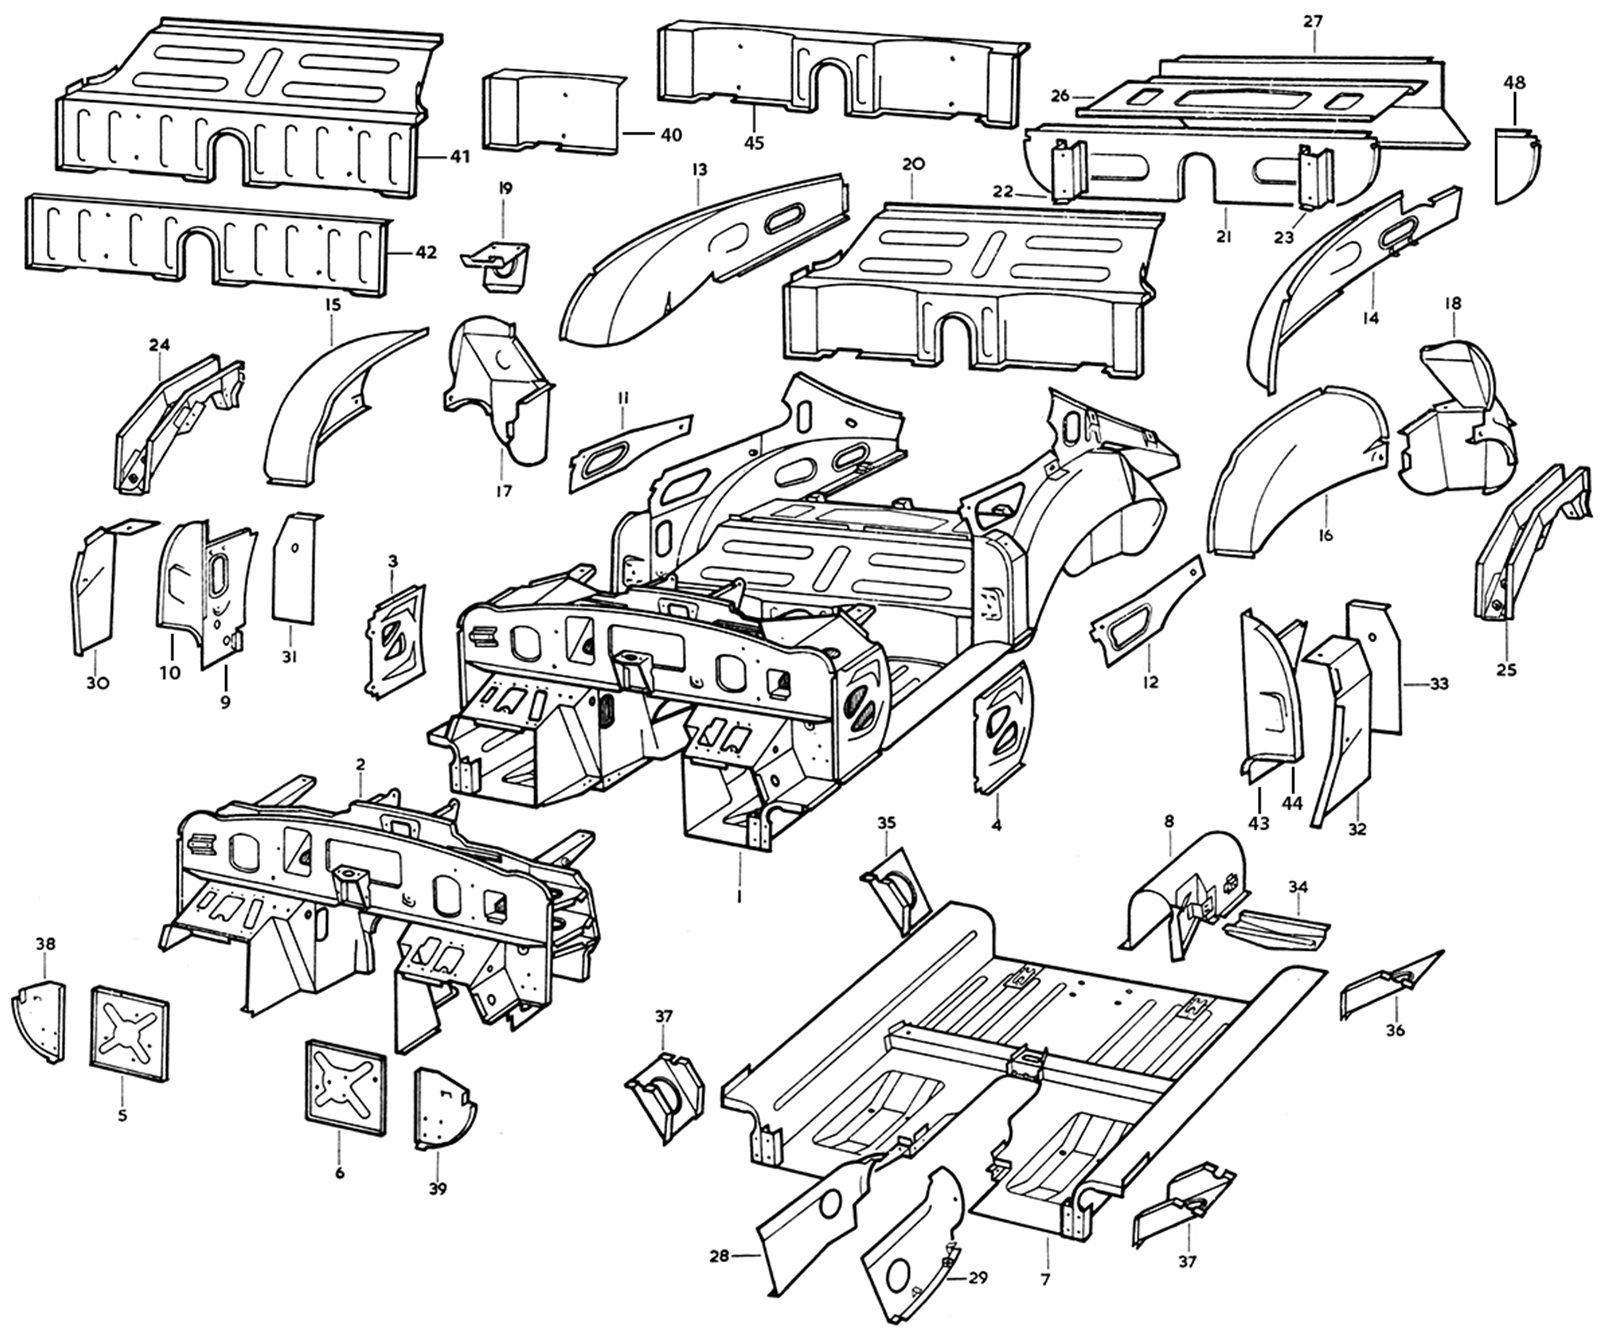 Independent Rear Suspension Diagram